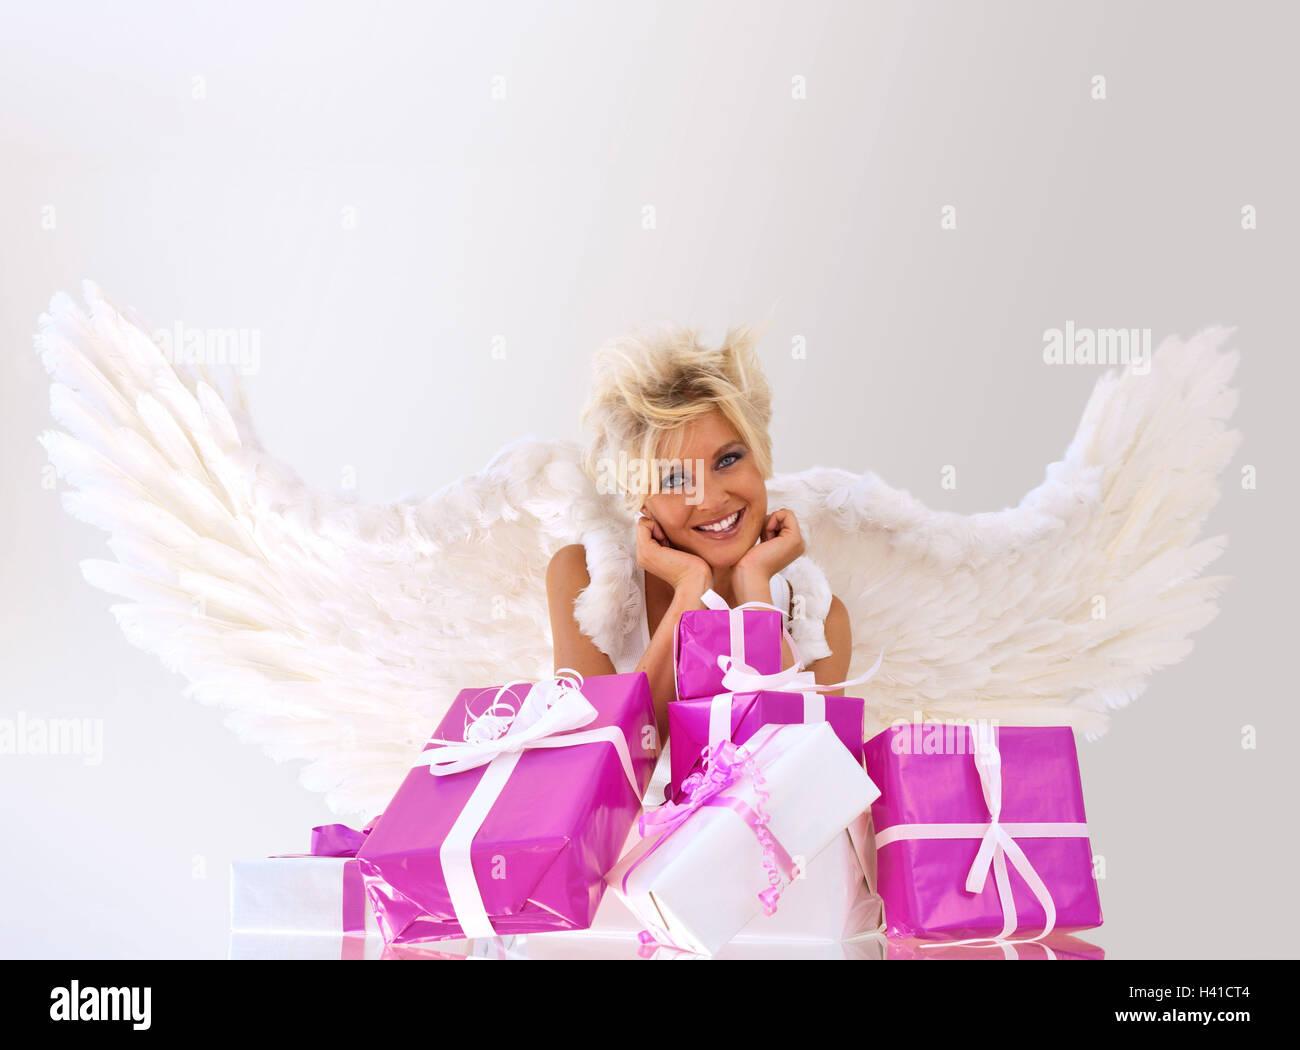 Weihnachten, Weihnachtsengel, Weihnachts-Arrangement ...